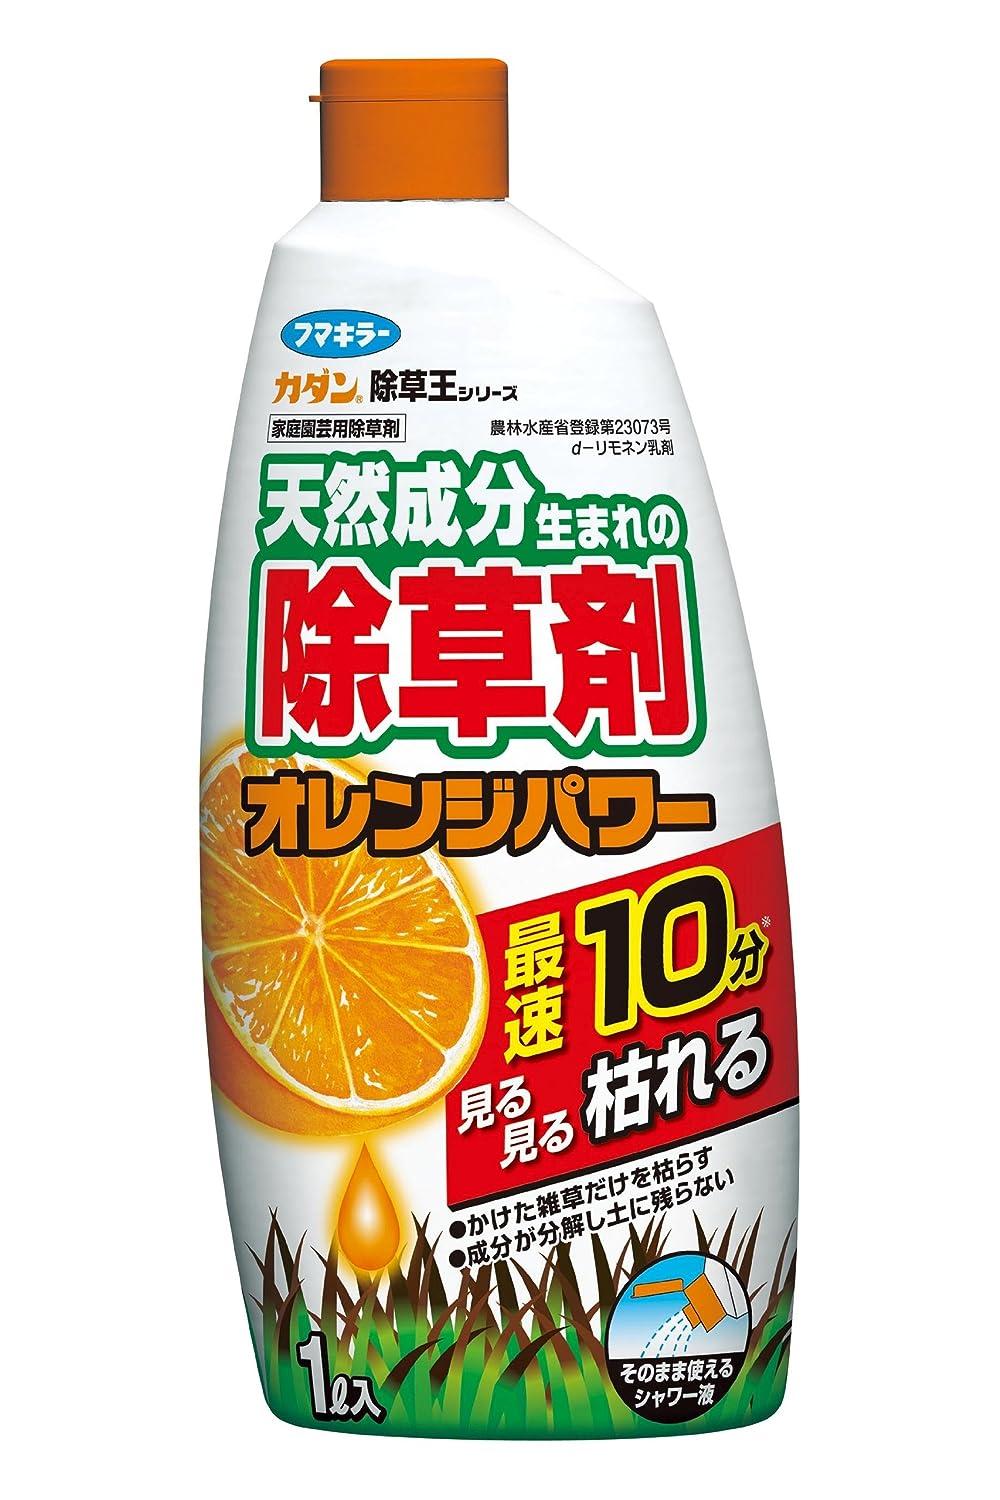 ⑦ オレンジパワー